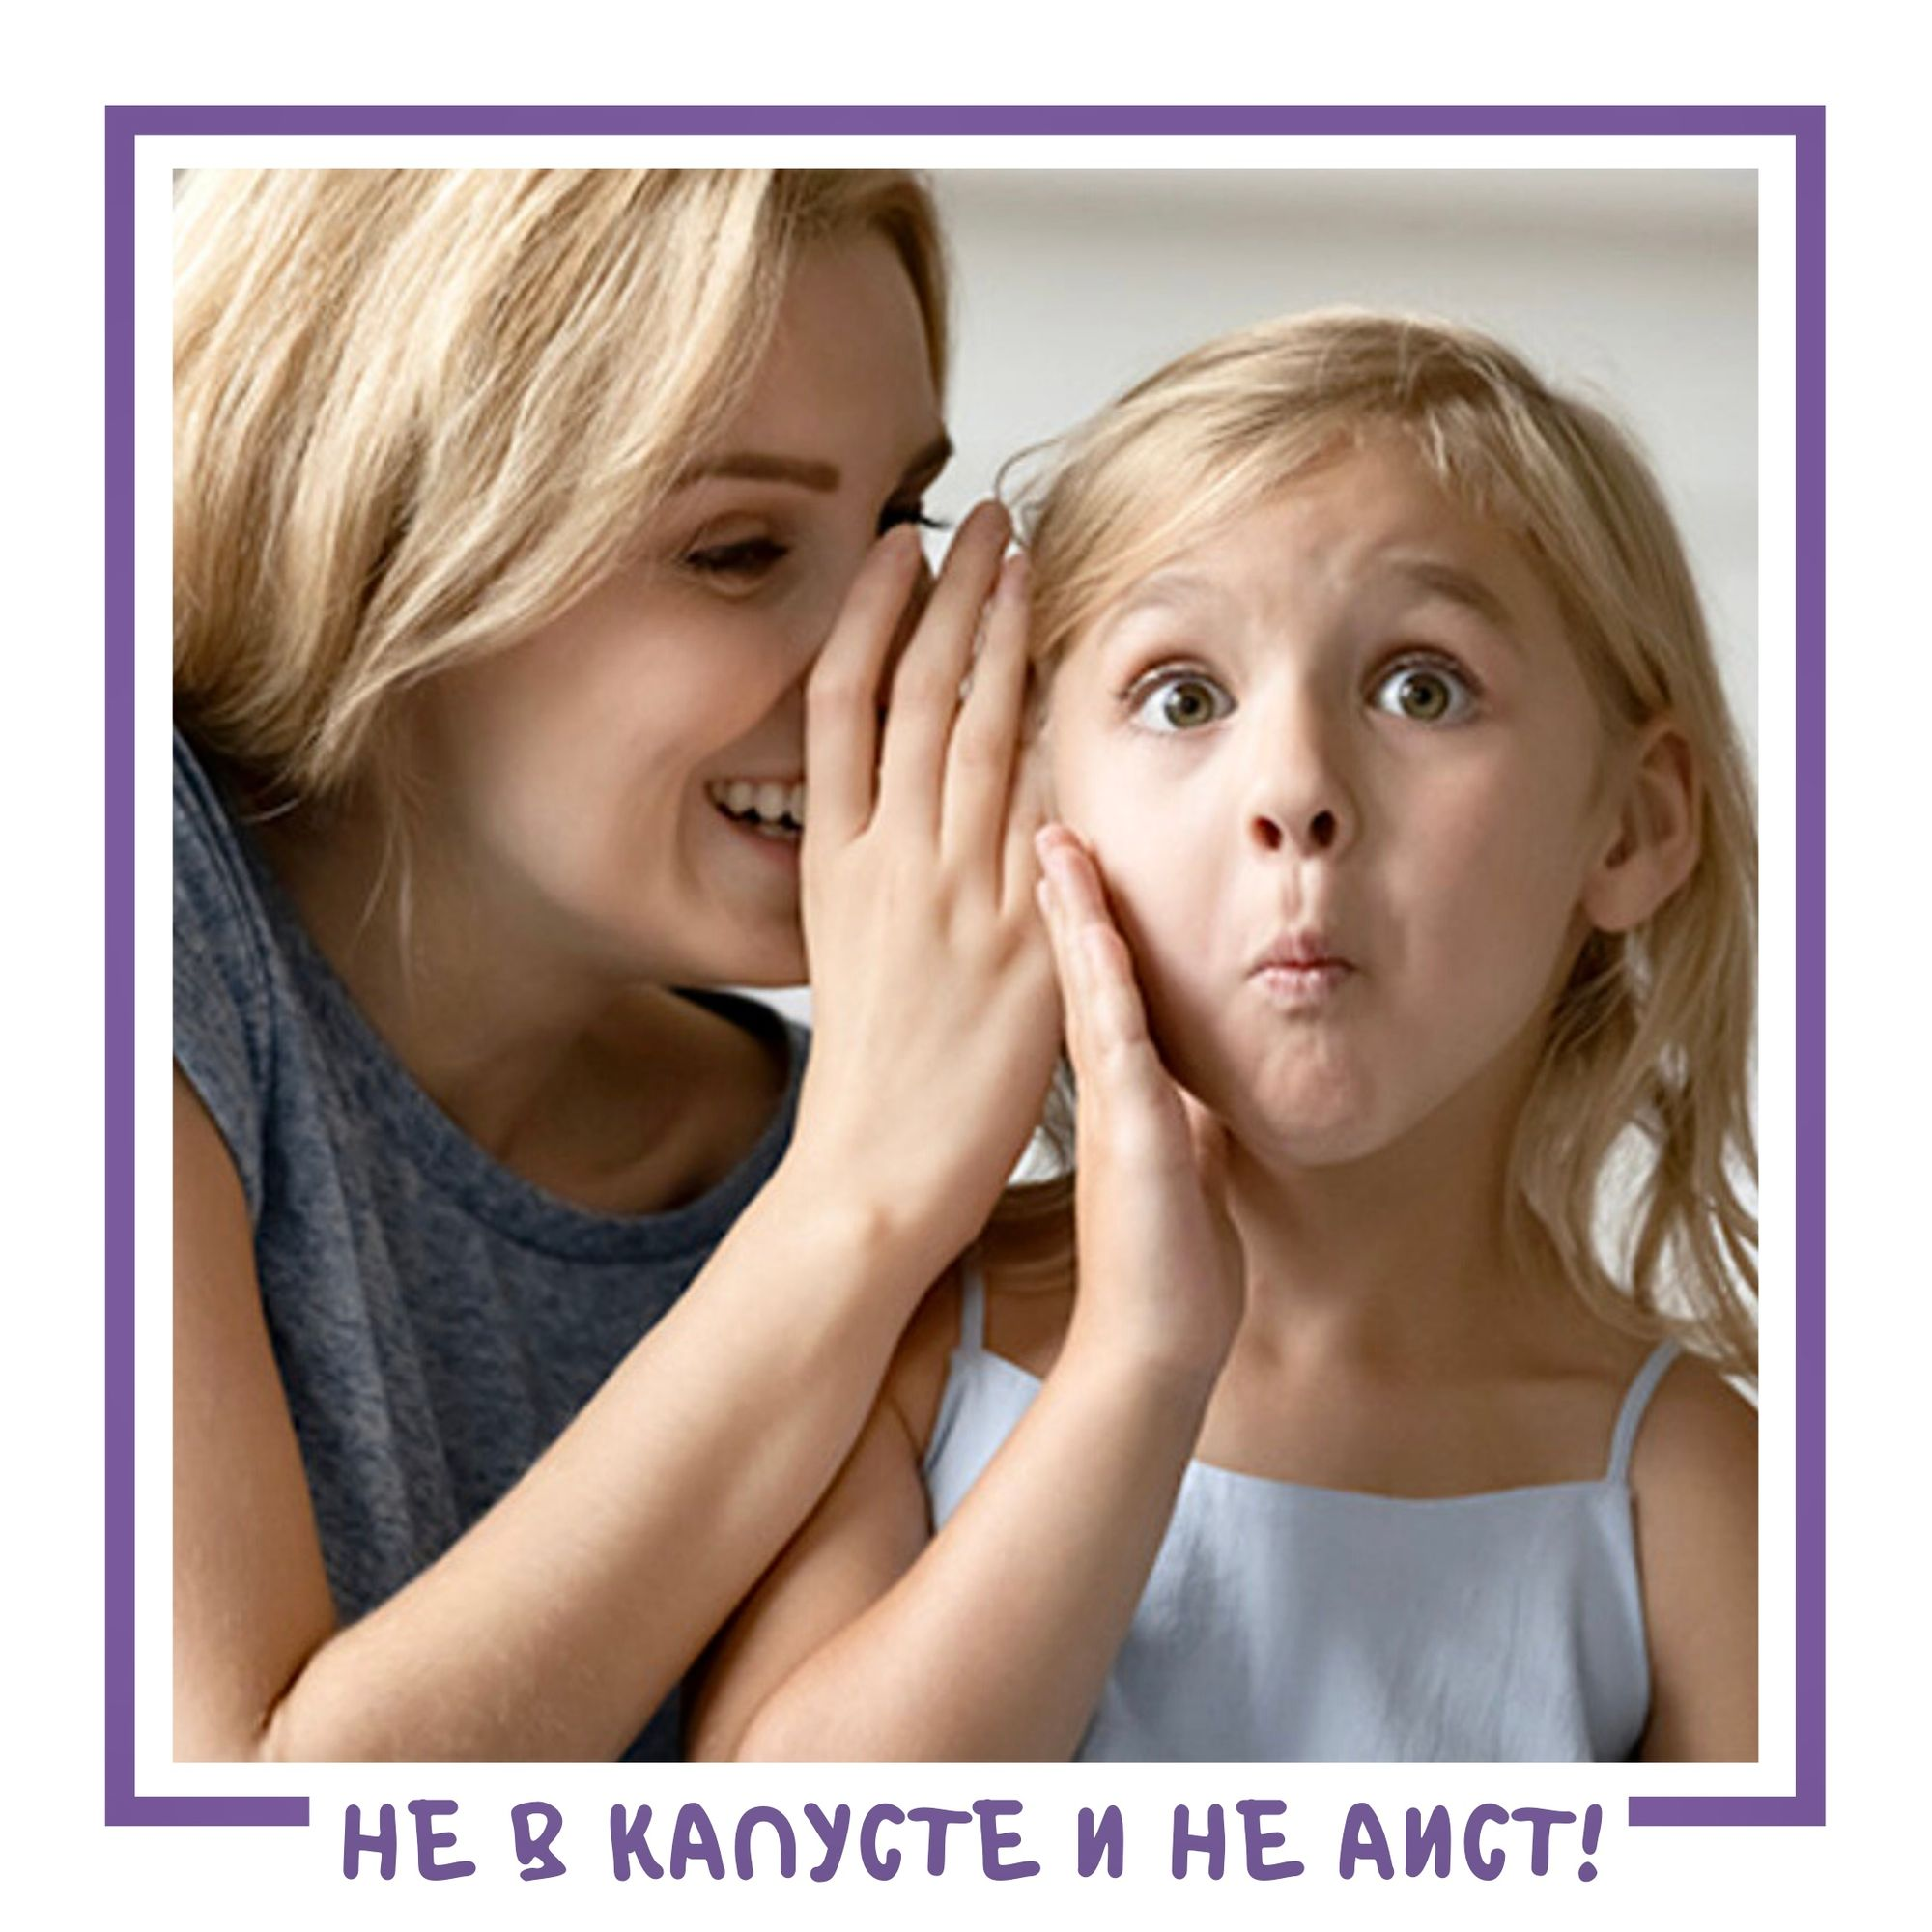 Не в капусте и не аист: как говорить с ребенком про ЭТО